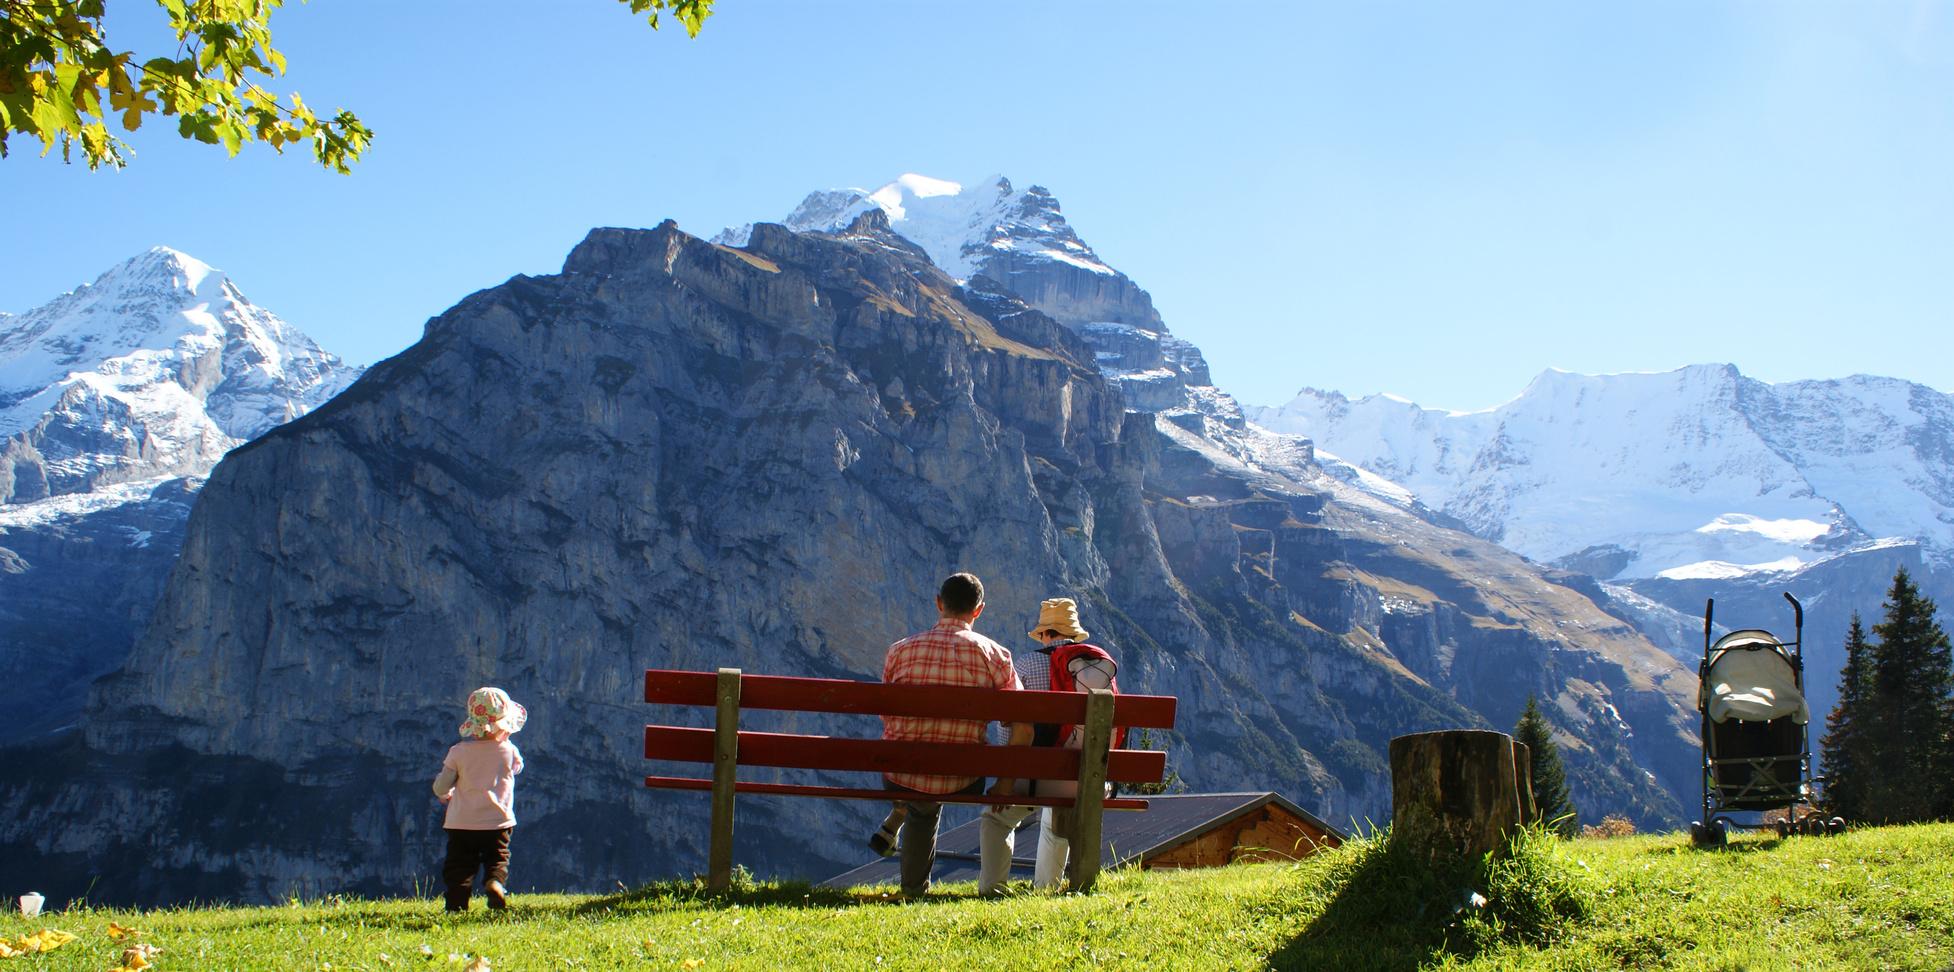 Le site escapades vacances et voyages - Vacances en montagne locati architectes ...